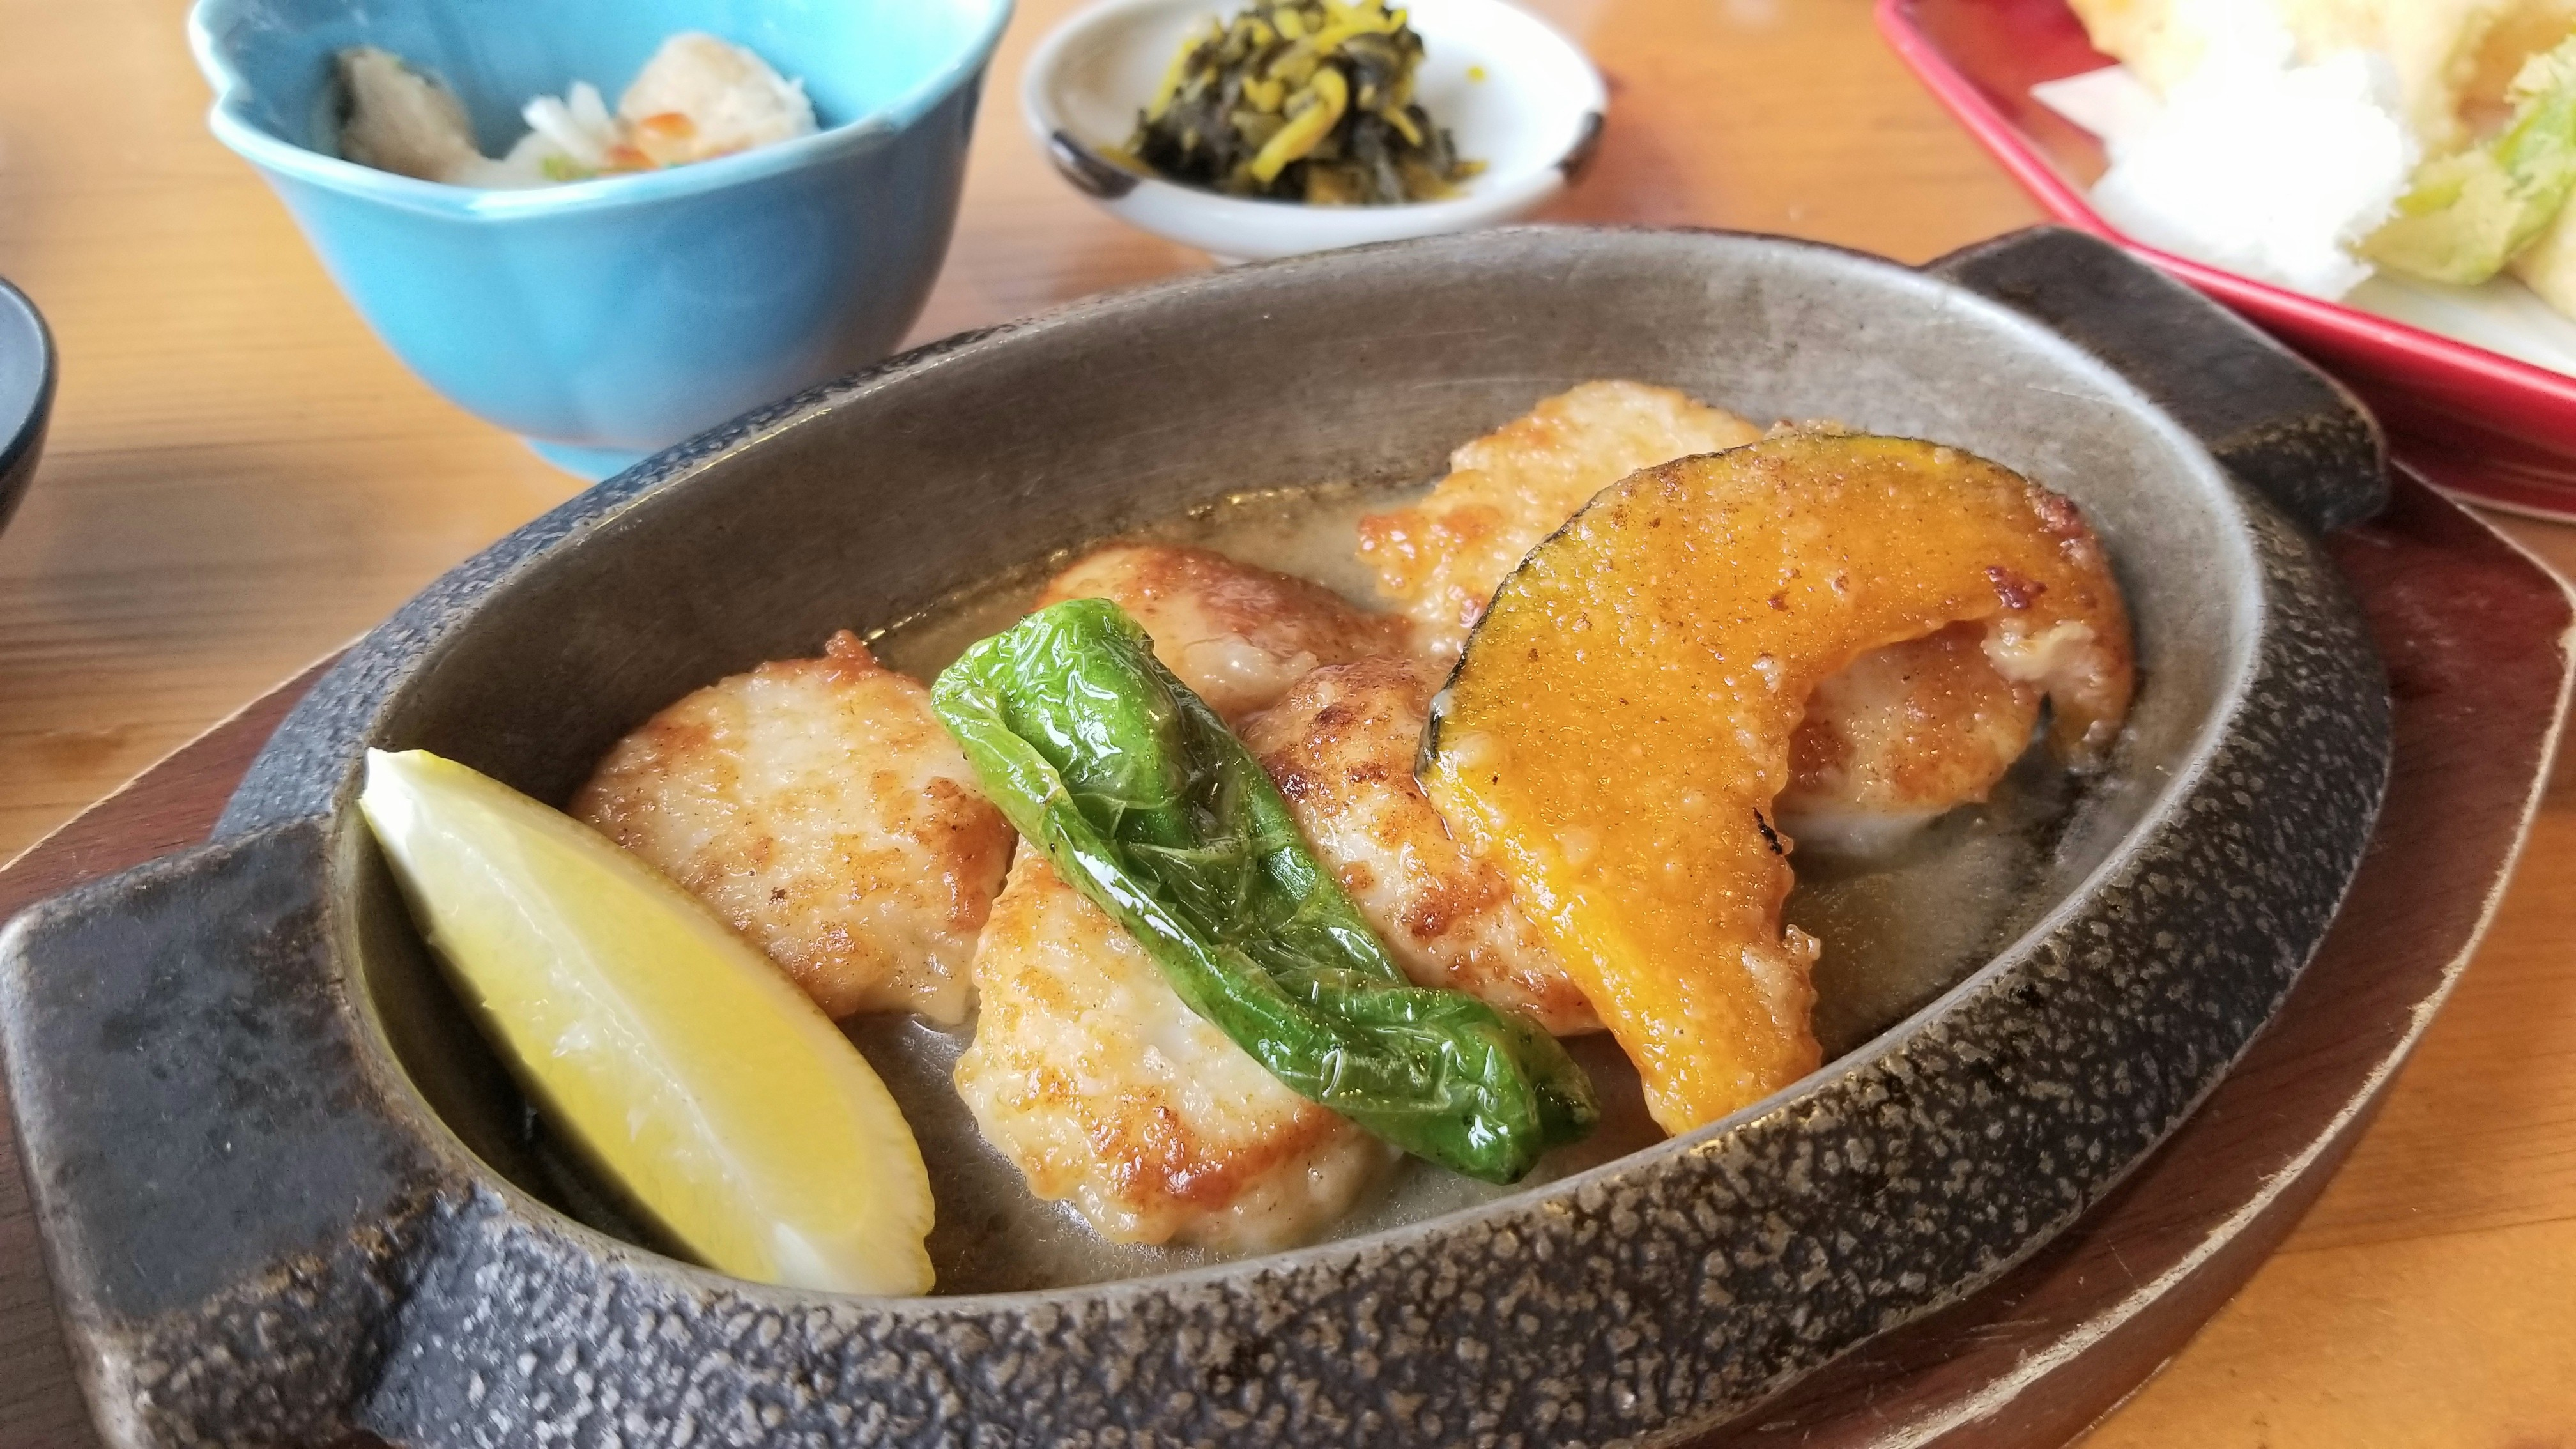 愛媛の美味しい海の幸海鮮料理シーフードお刺身絶品おすすめランチ